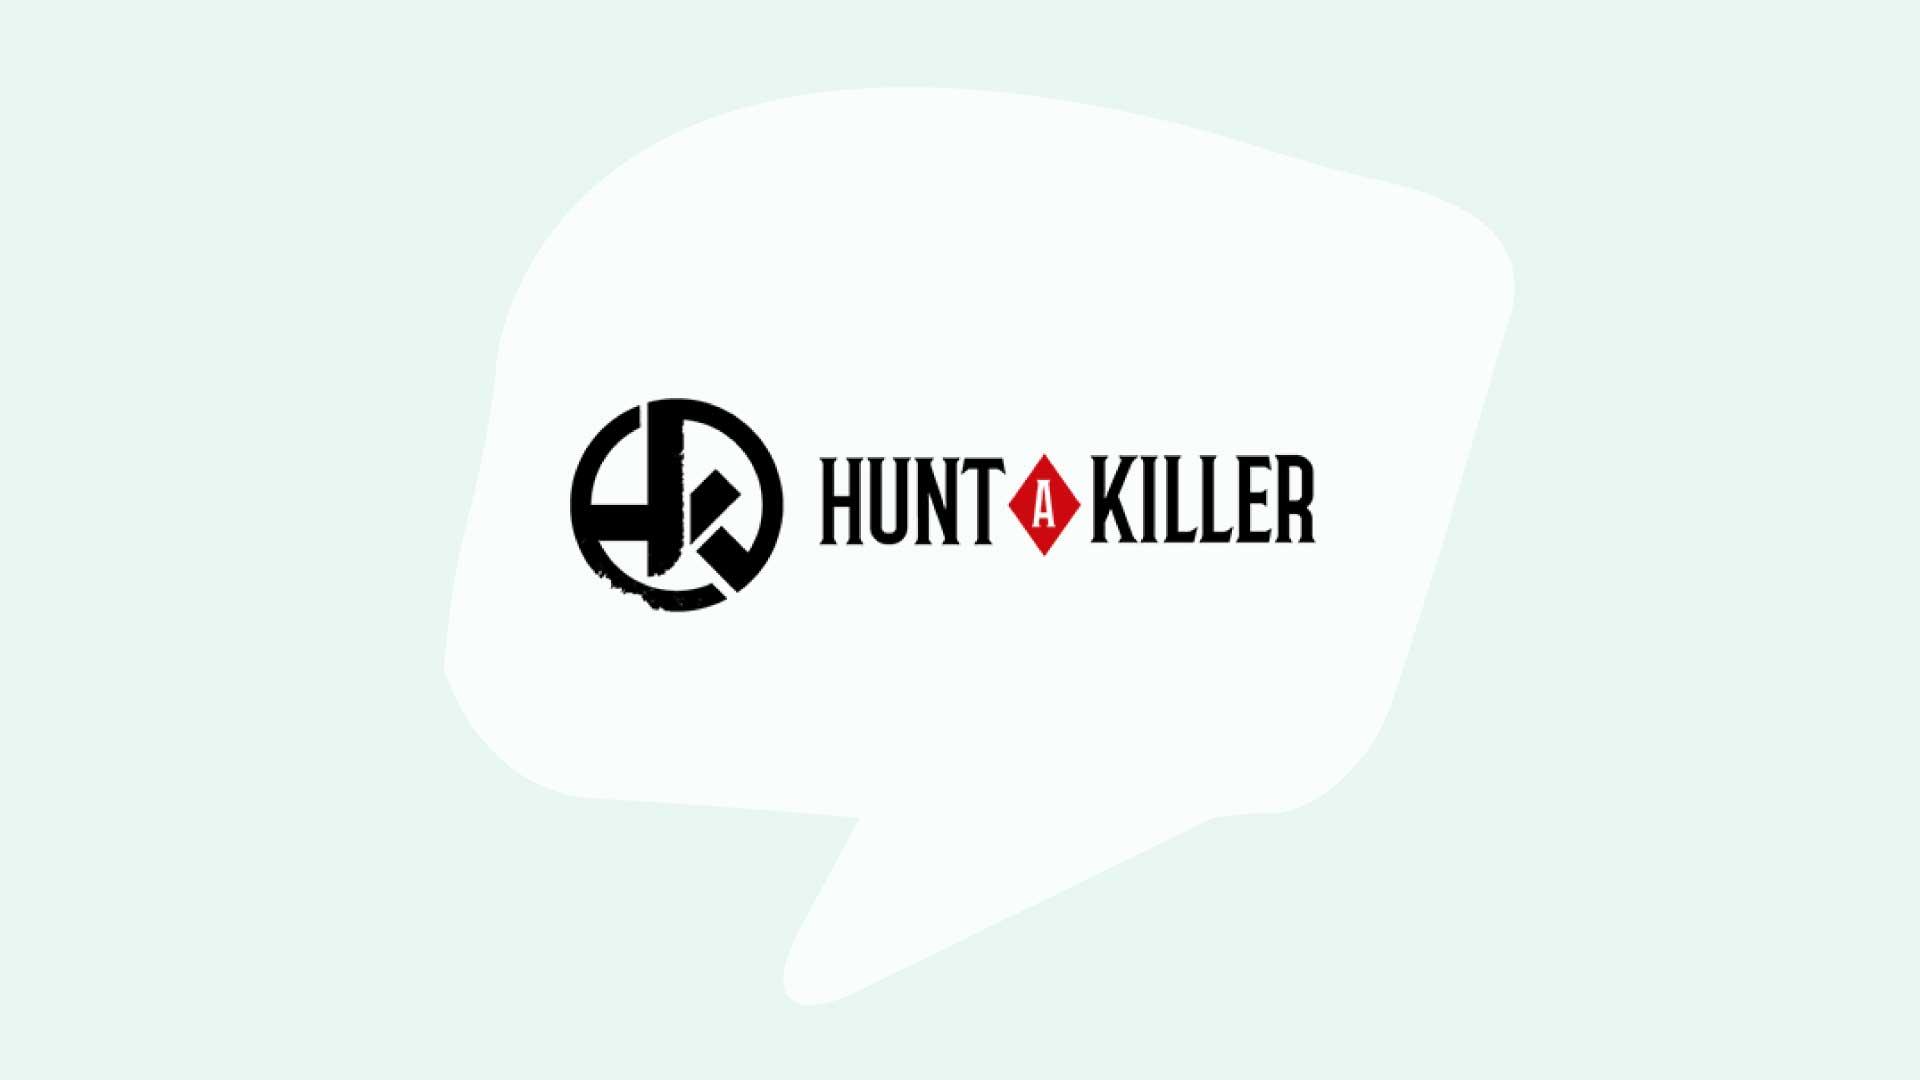 truested-hunt-a-killer-wom